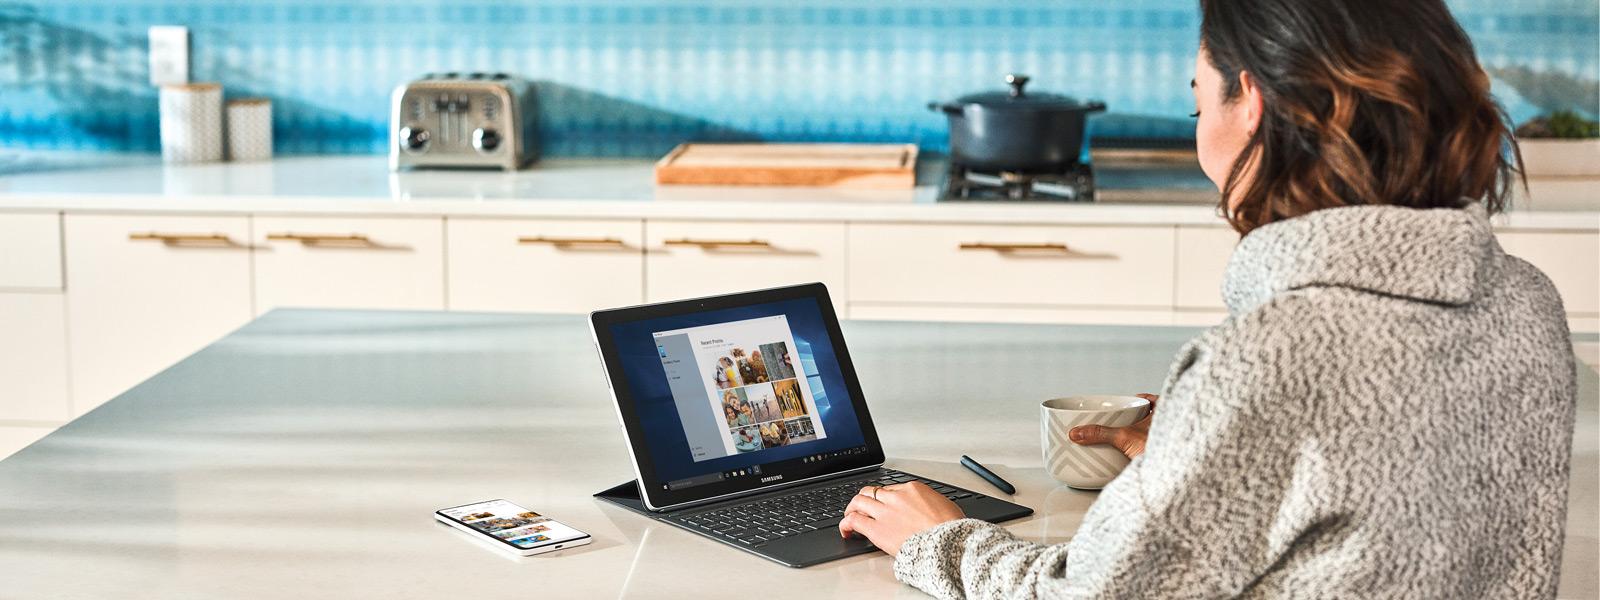 Μια γυναίκα κάθεται σε πάγκο κουζίνας και χρησιμοποιεί φορητό υπολογιστή Windows 10 με το τηλέφωνό της